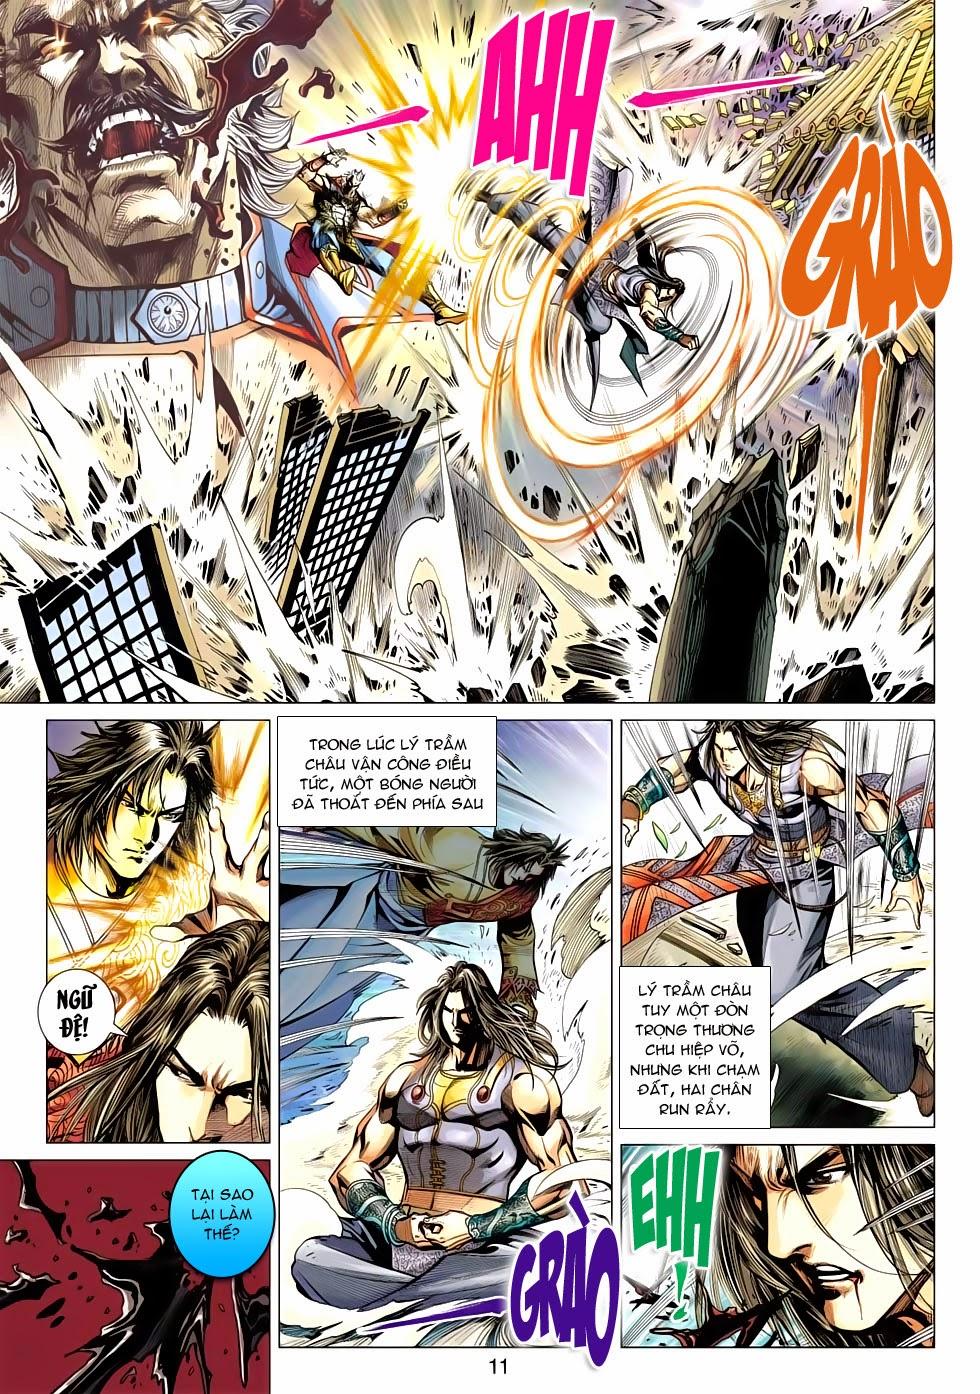 Thần Châu Kỳ Hiệp chap 32 – End Trang 11 - Mangak.info